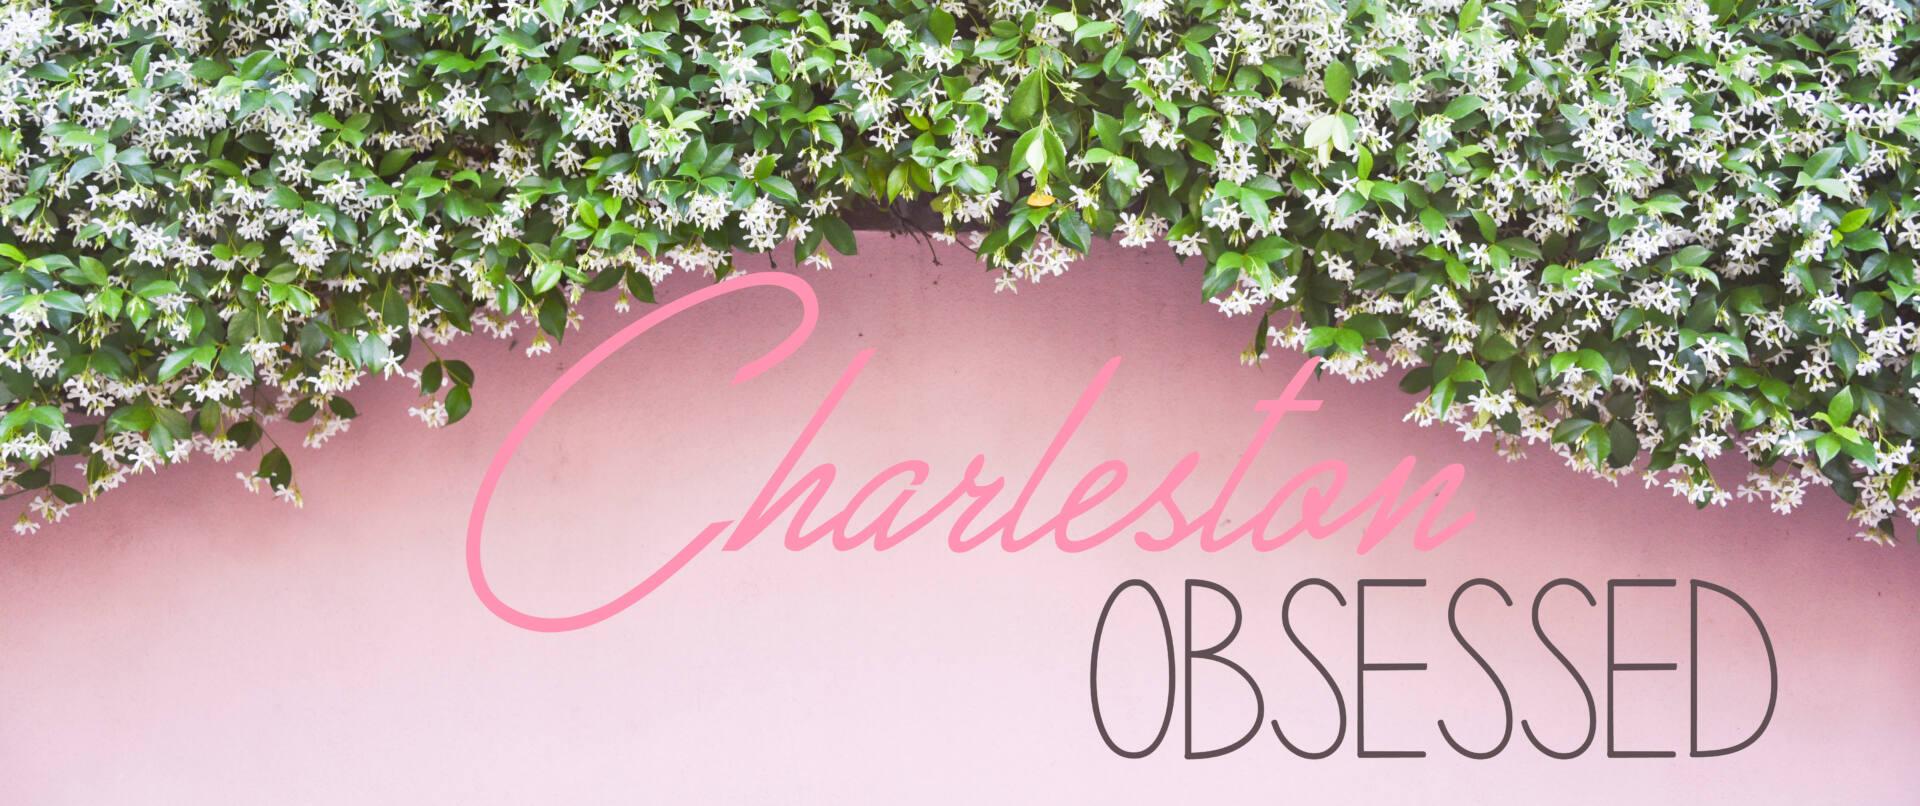 Charleston Obsessed